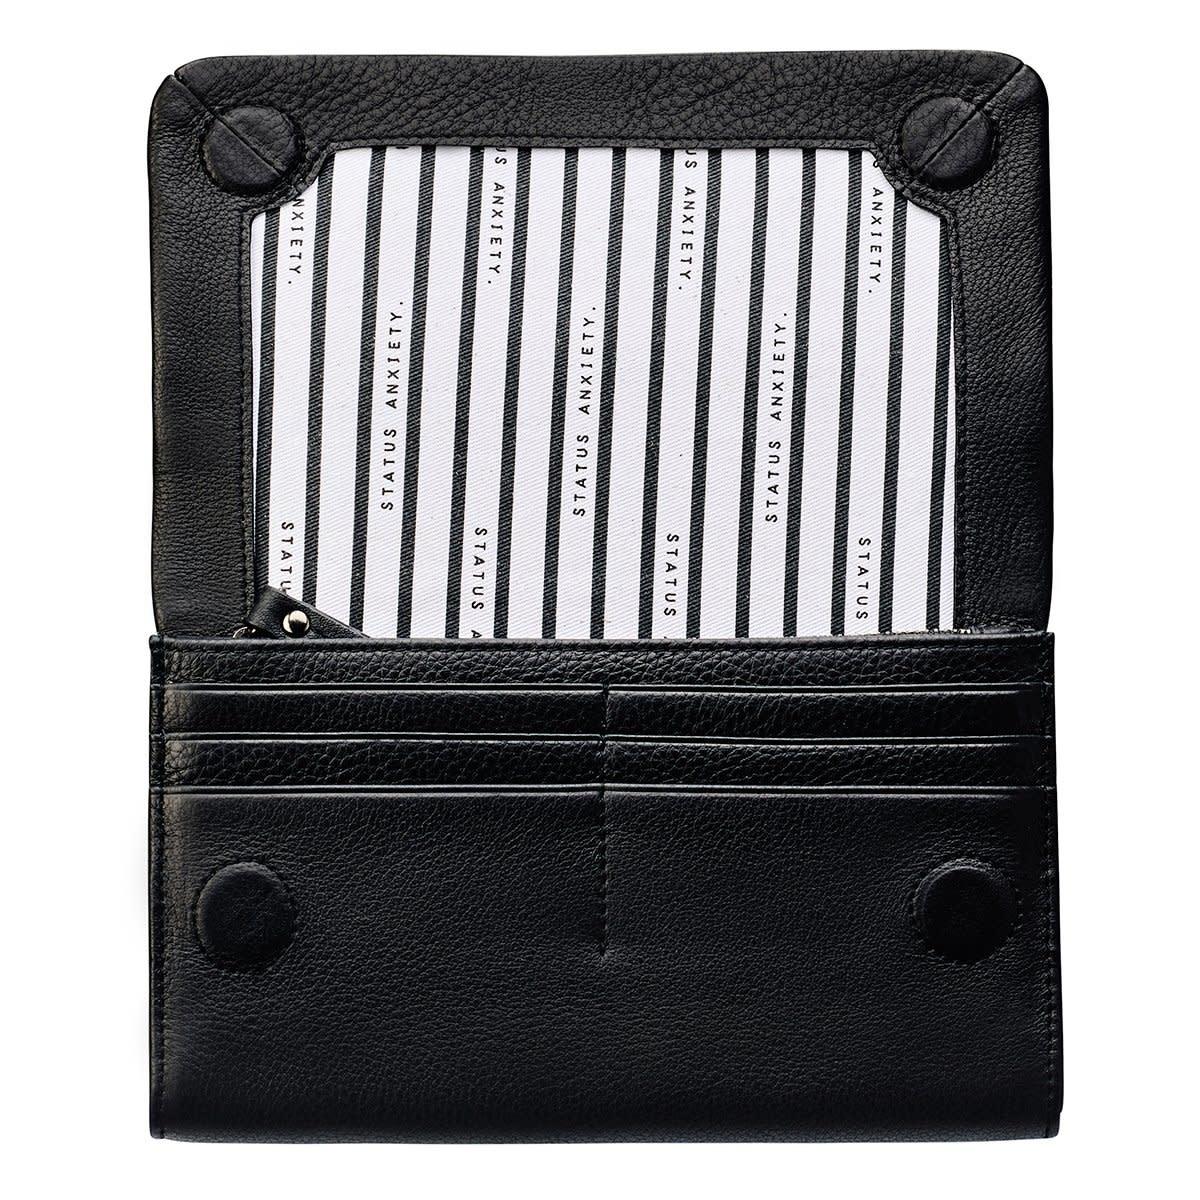 Remnant Wallet